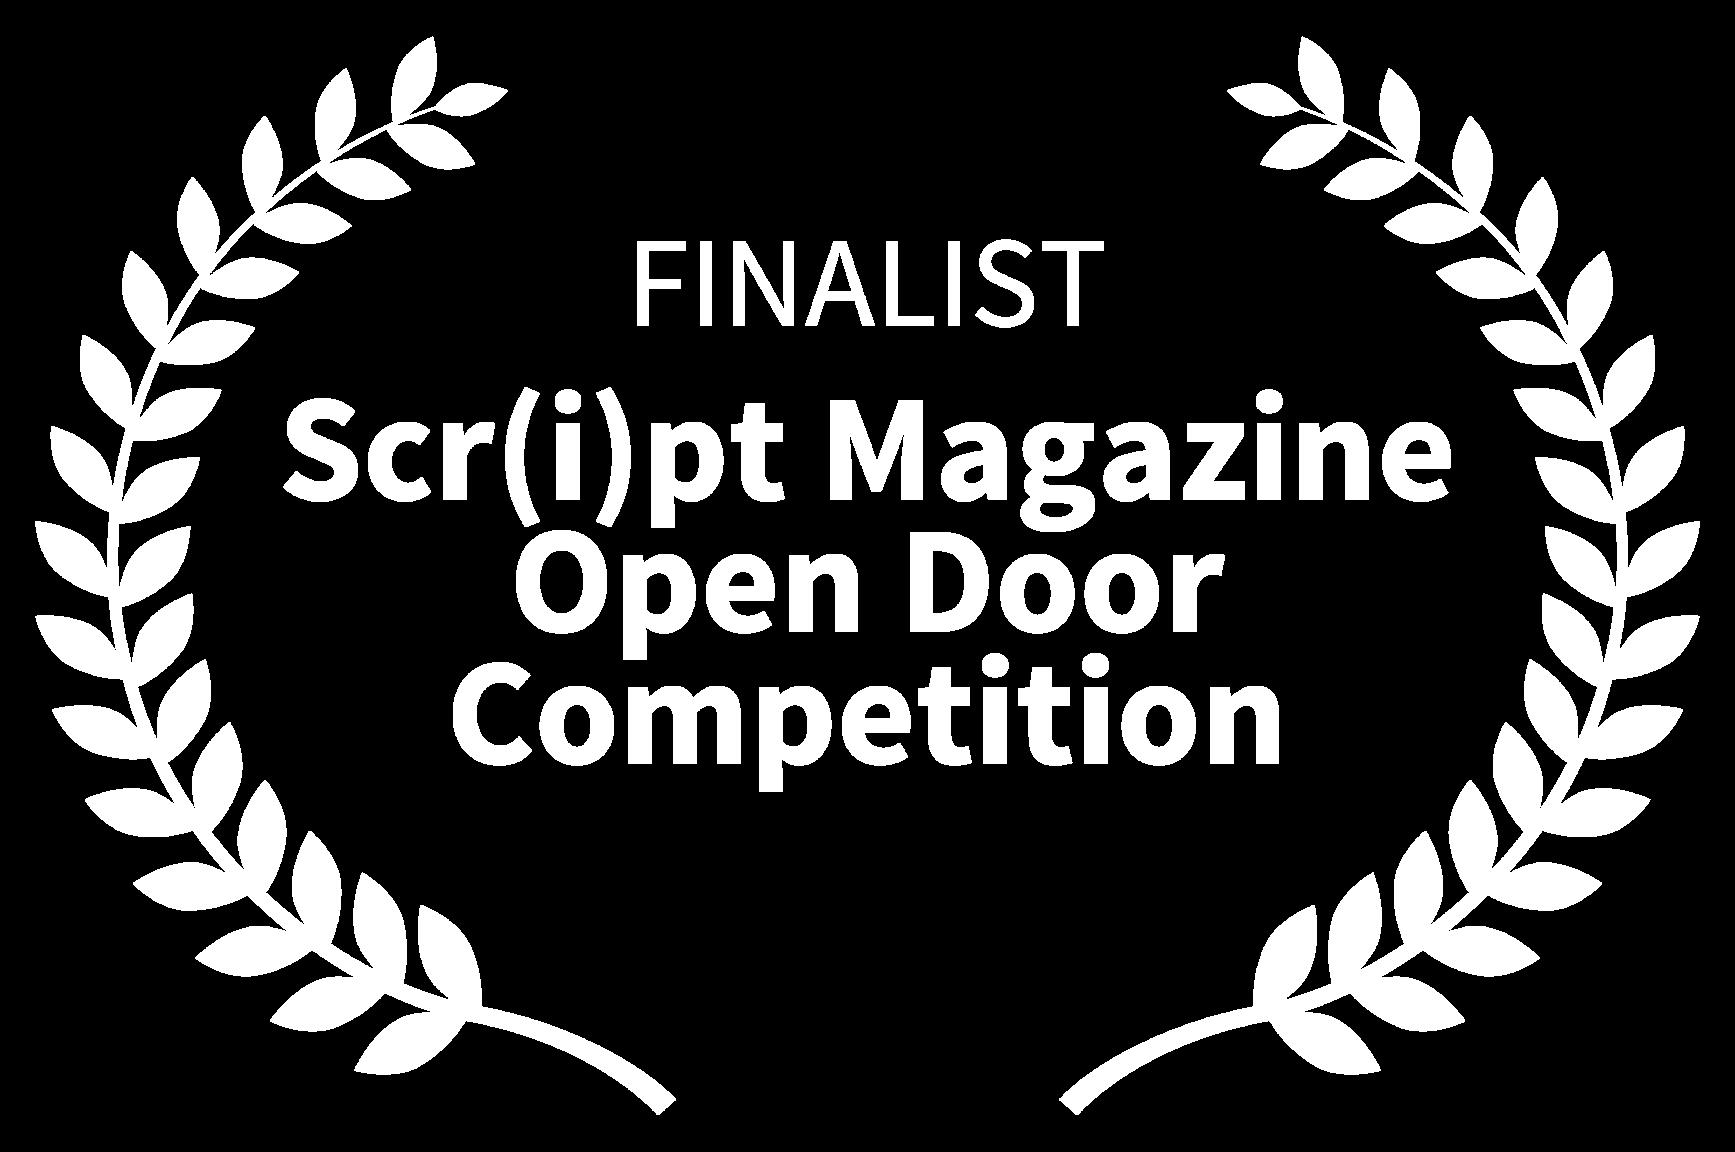 FINALIST - Script Magazine Open Door Competition